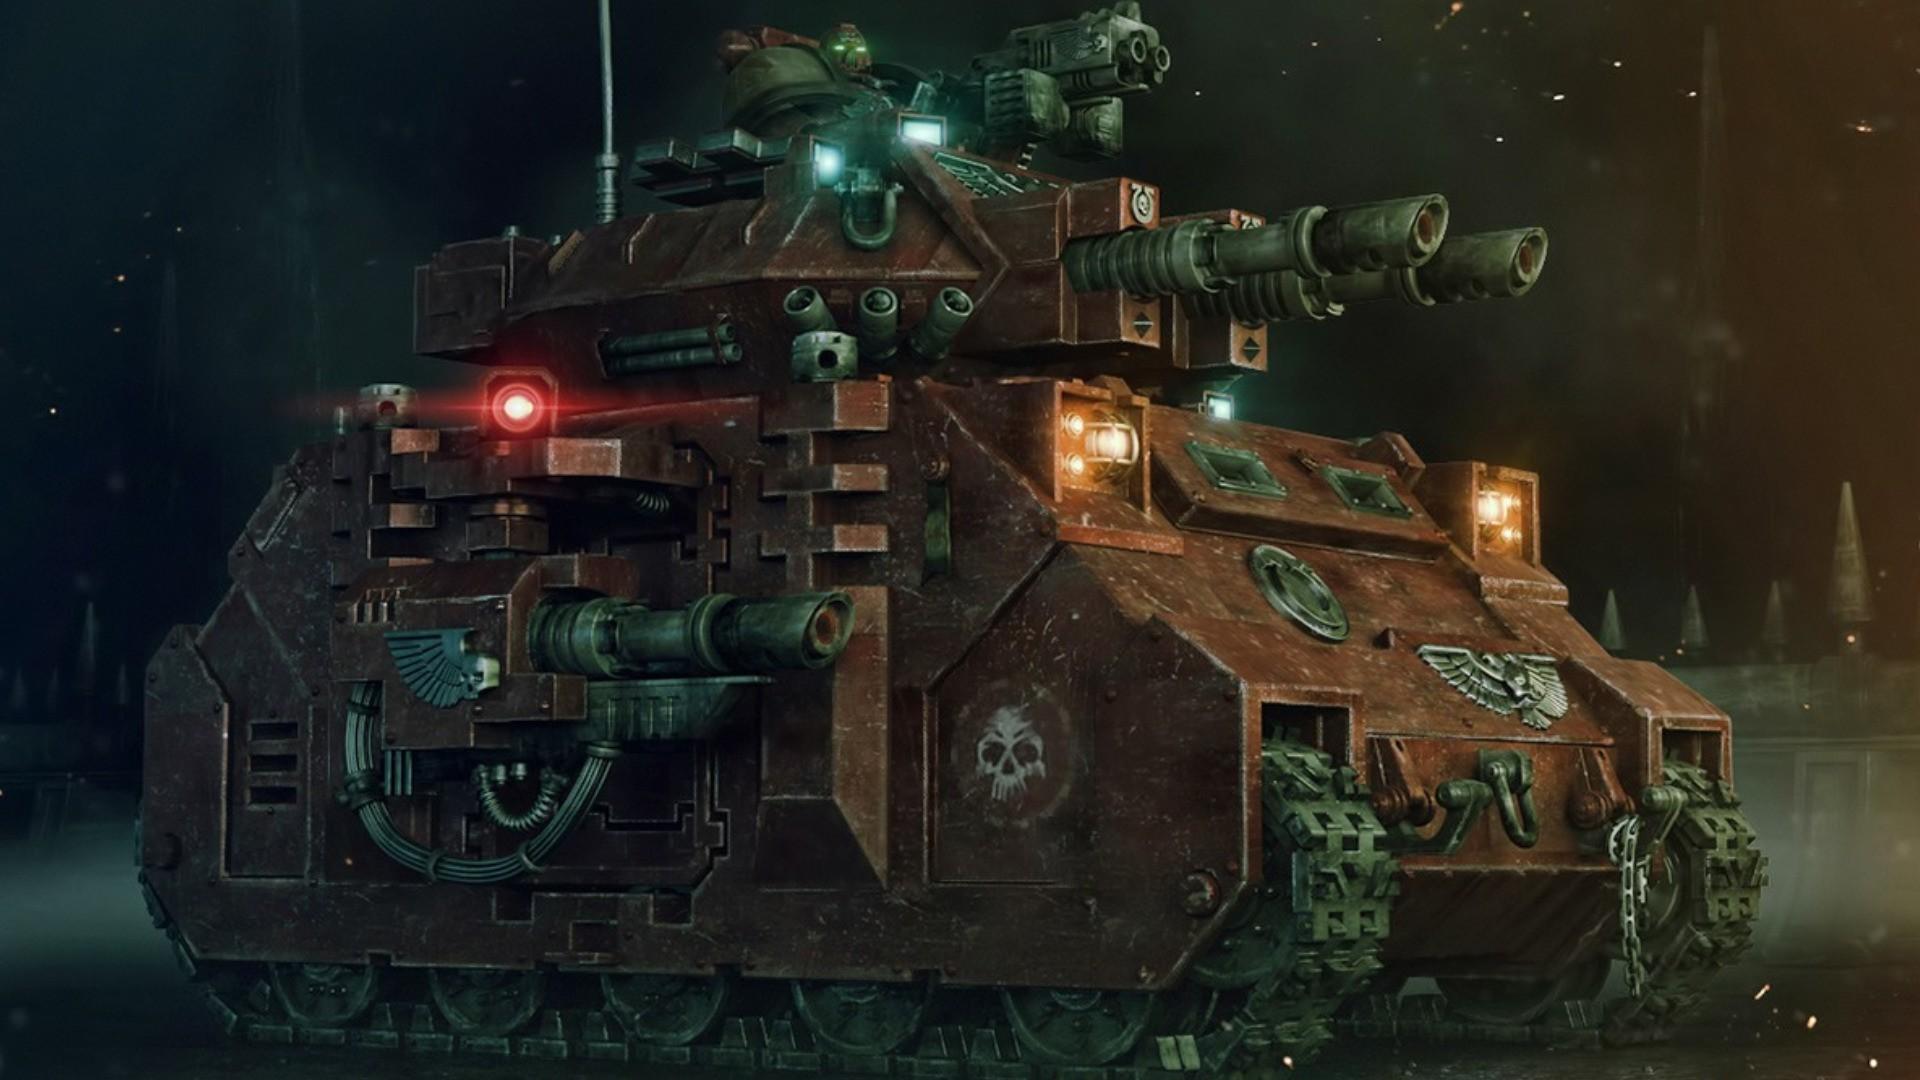 px | Warhammer 40k | Pinterest | Warhammer 40k and Warhammer 40K